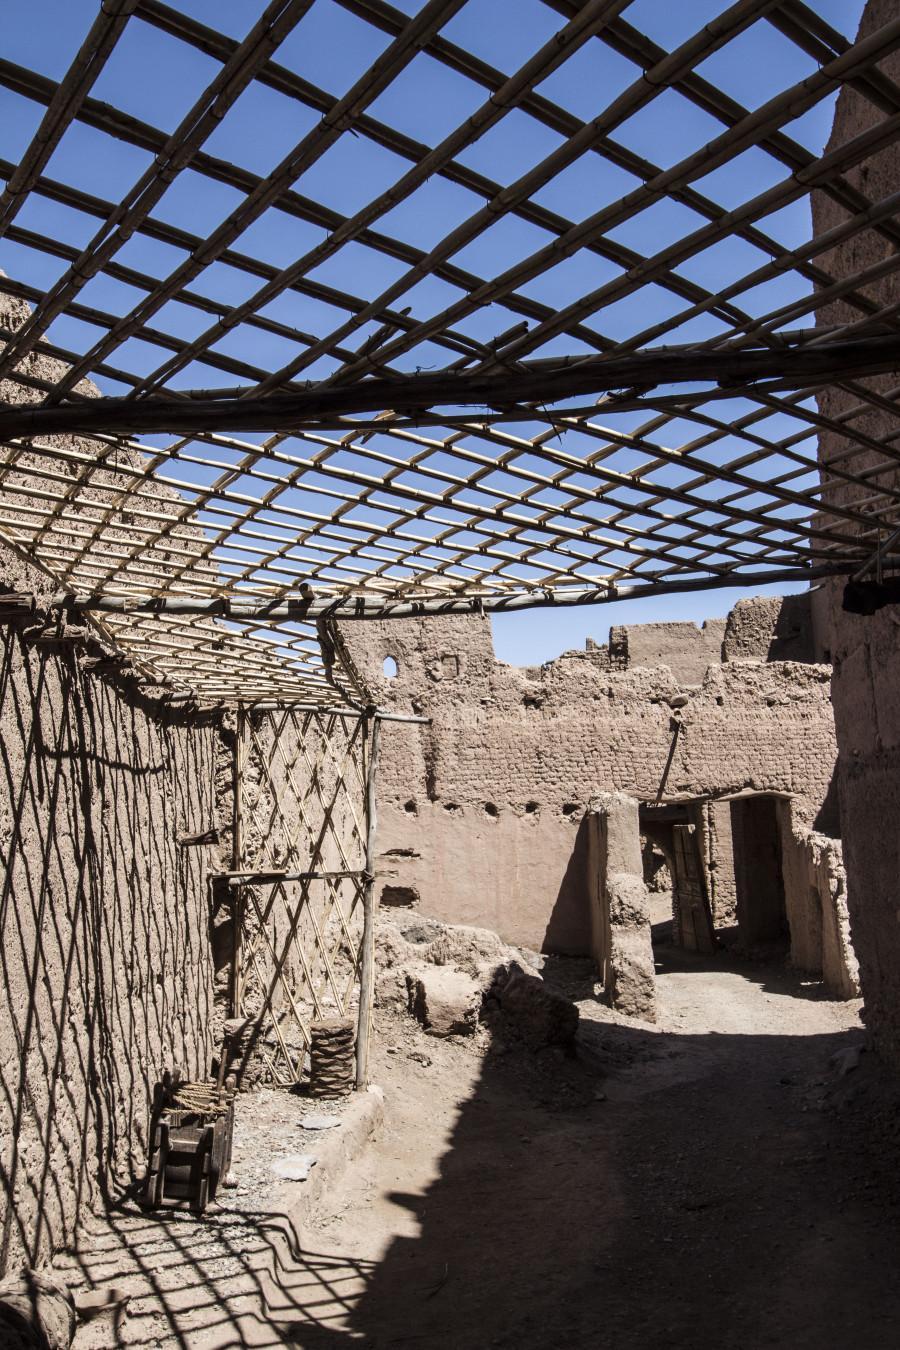 arquitectura de tierra en Marruecos_María Jesús Mora_Arquitecto_fotógrafo Alicante_34